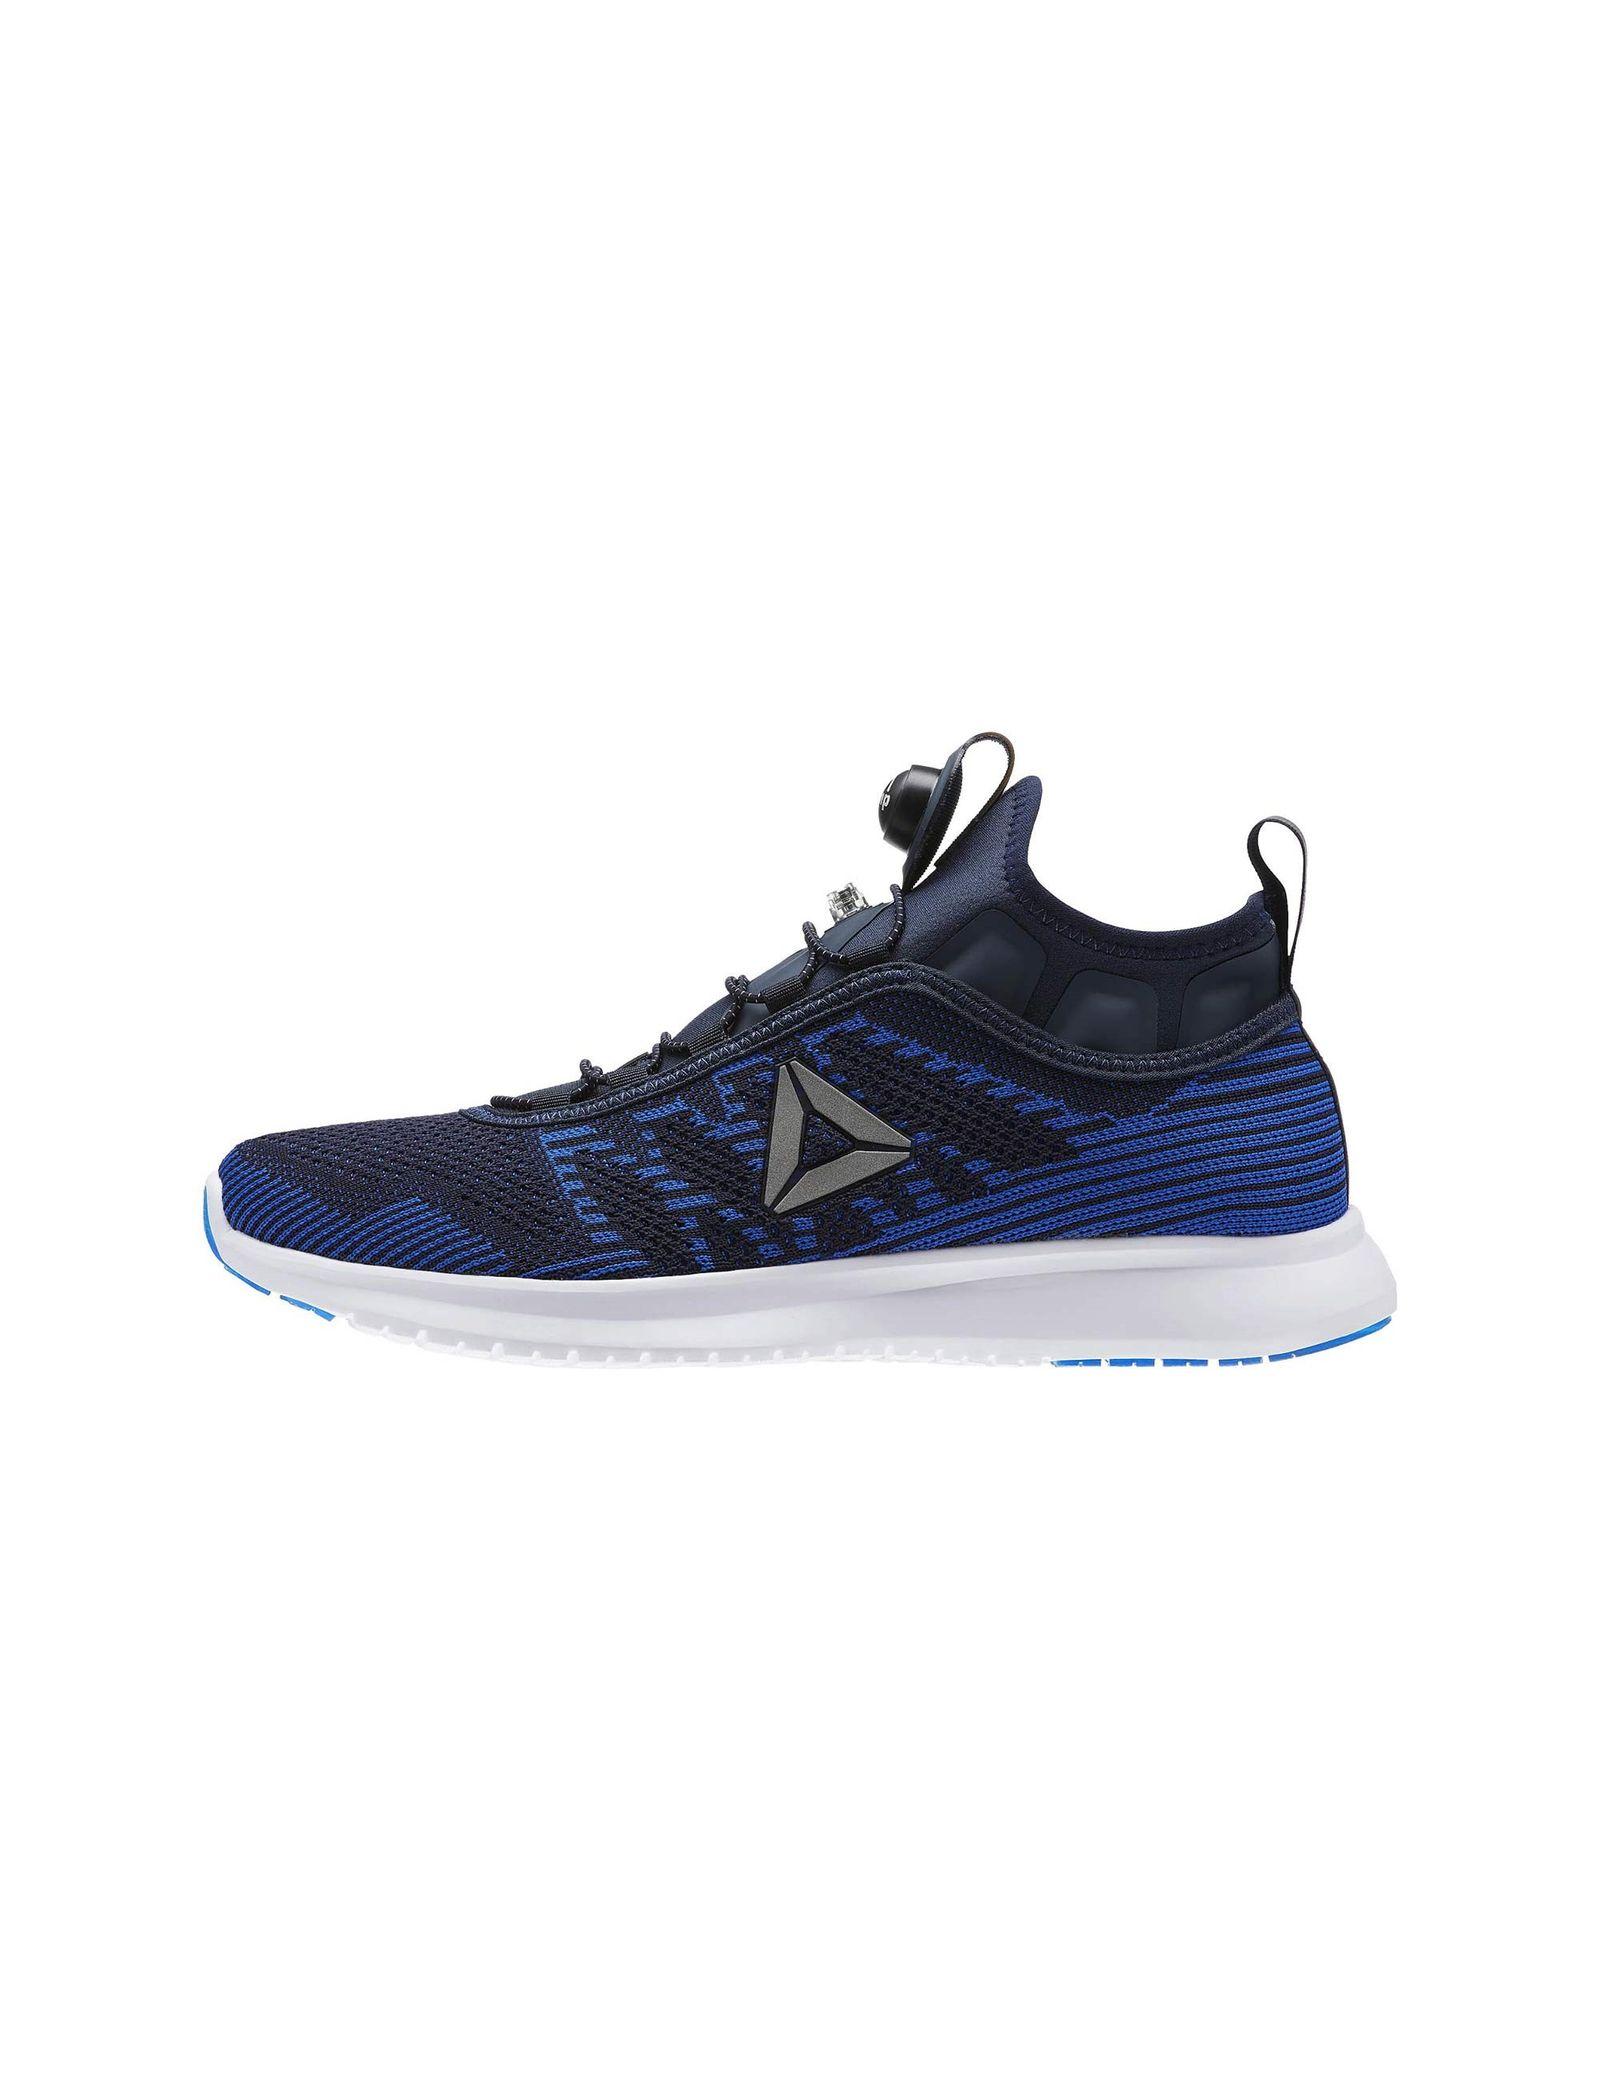 کفش دویدن بندی مردانه Pump Plus Ultraknit - ریباک - آبي سرمه اي - 3